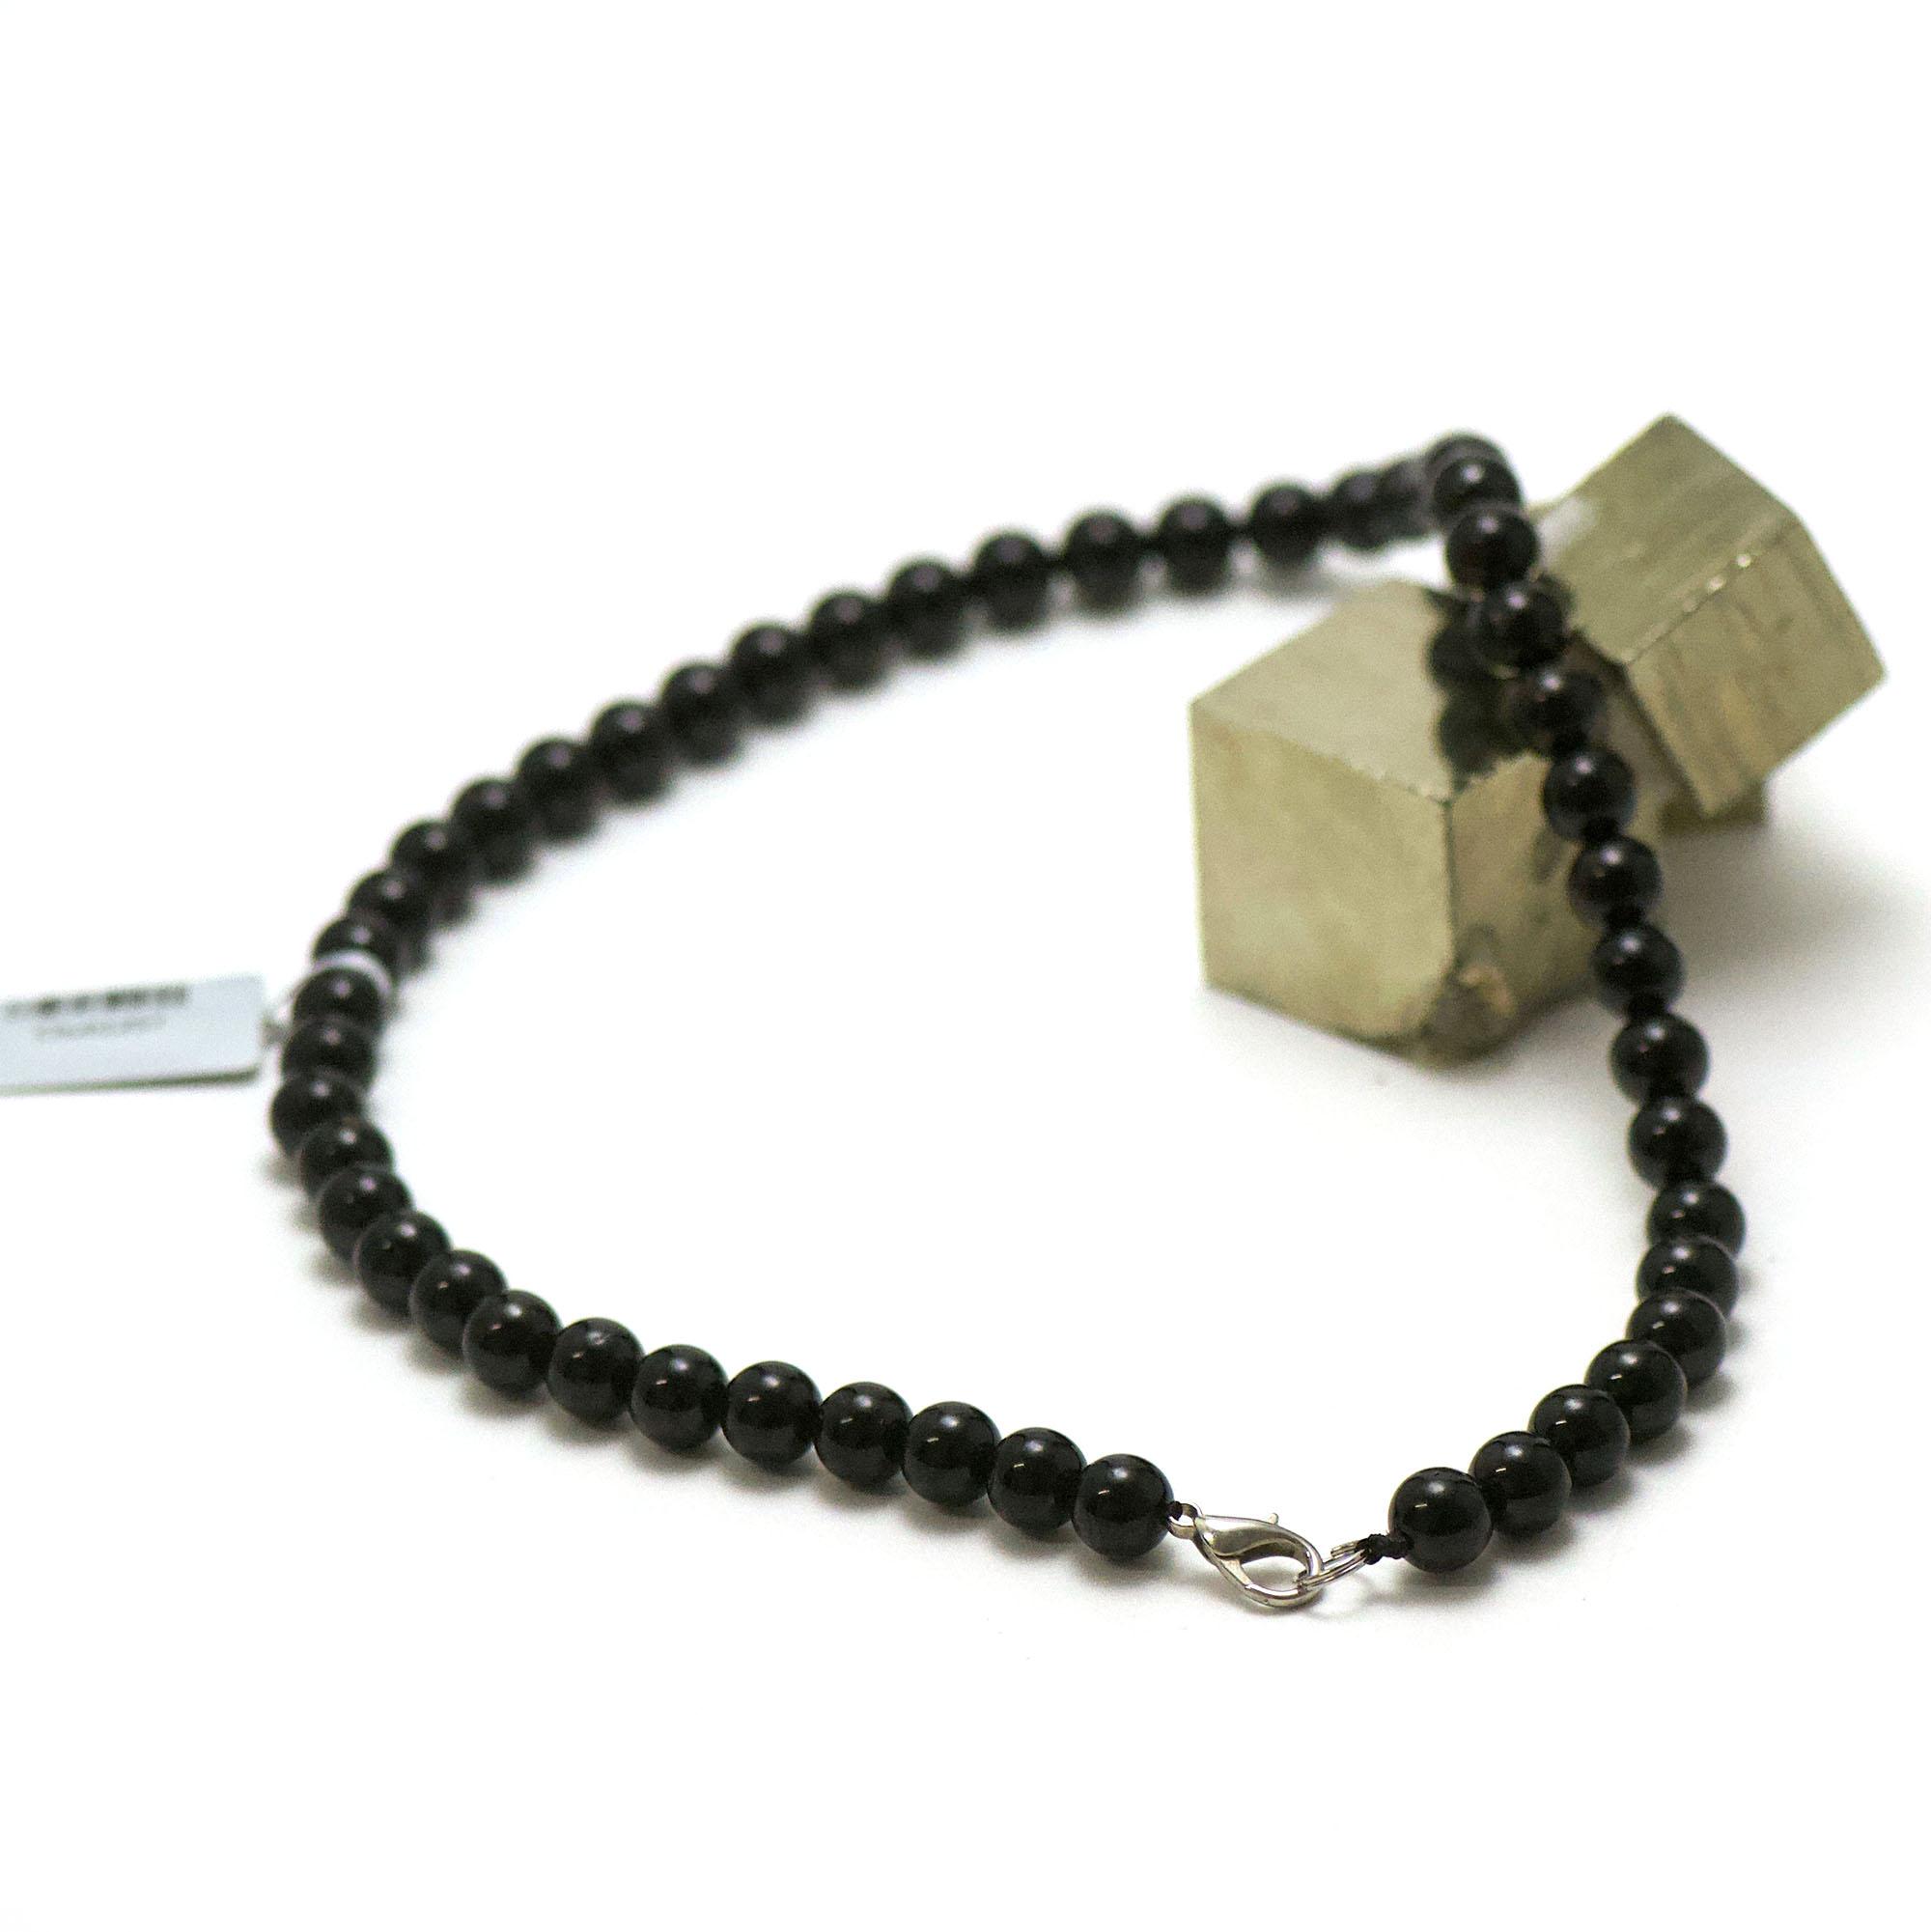 collier en tourmaline noir, perle ronde 8 mm